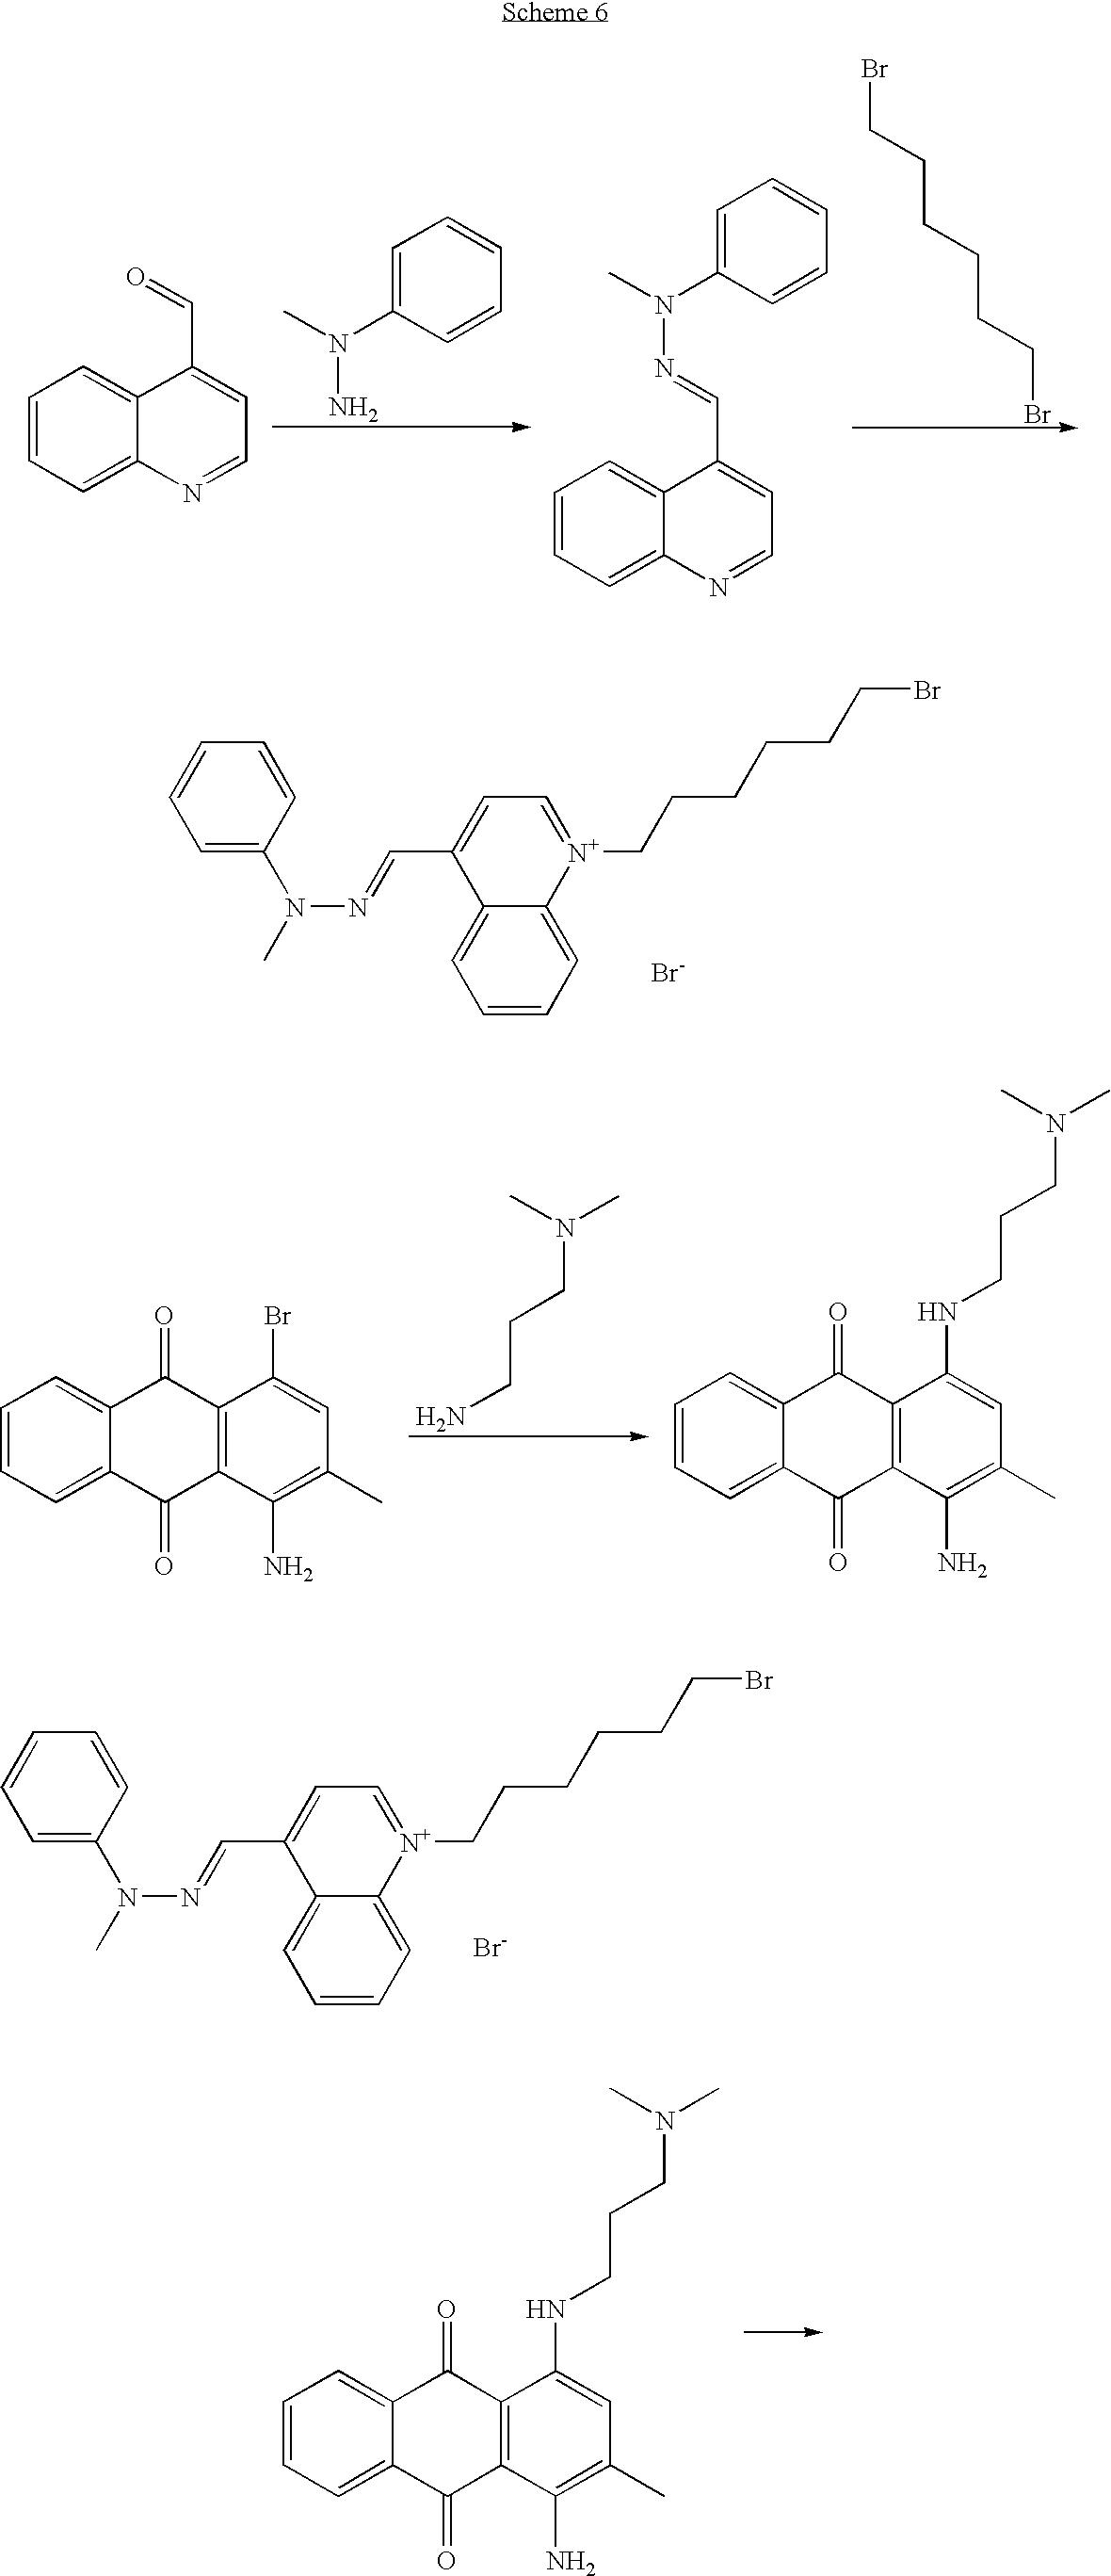 Figure US07582122-20090901-C00046